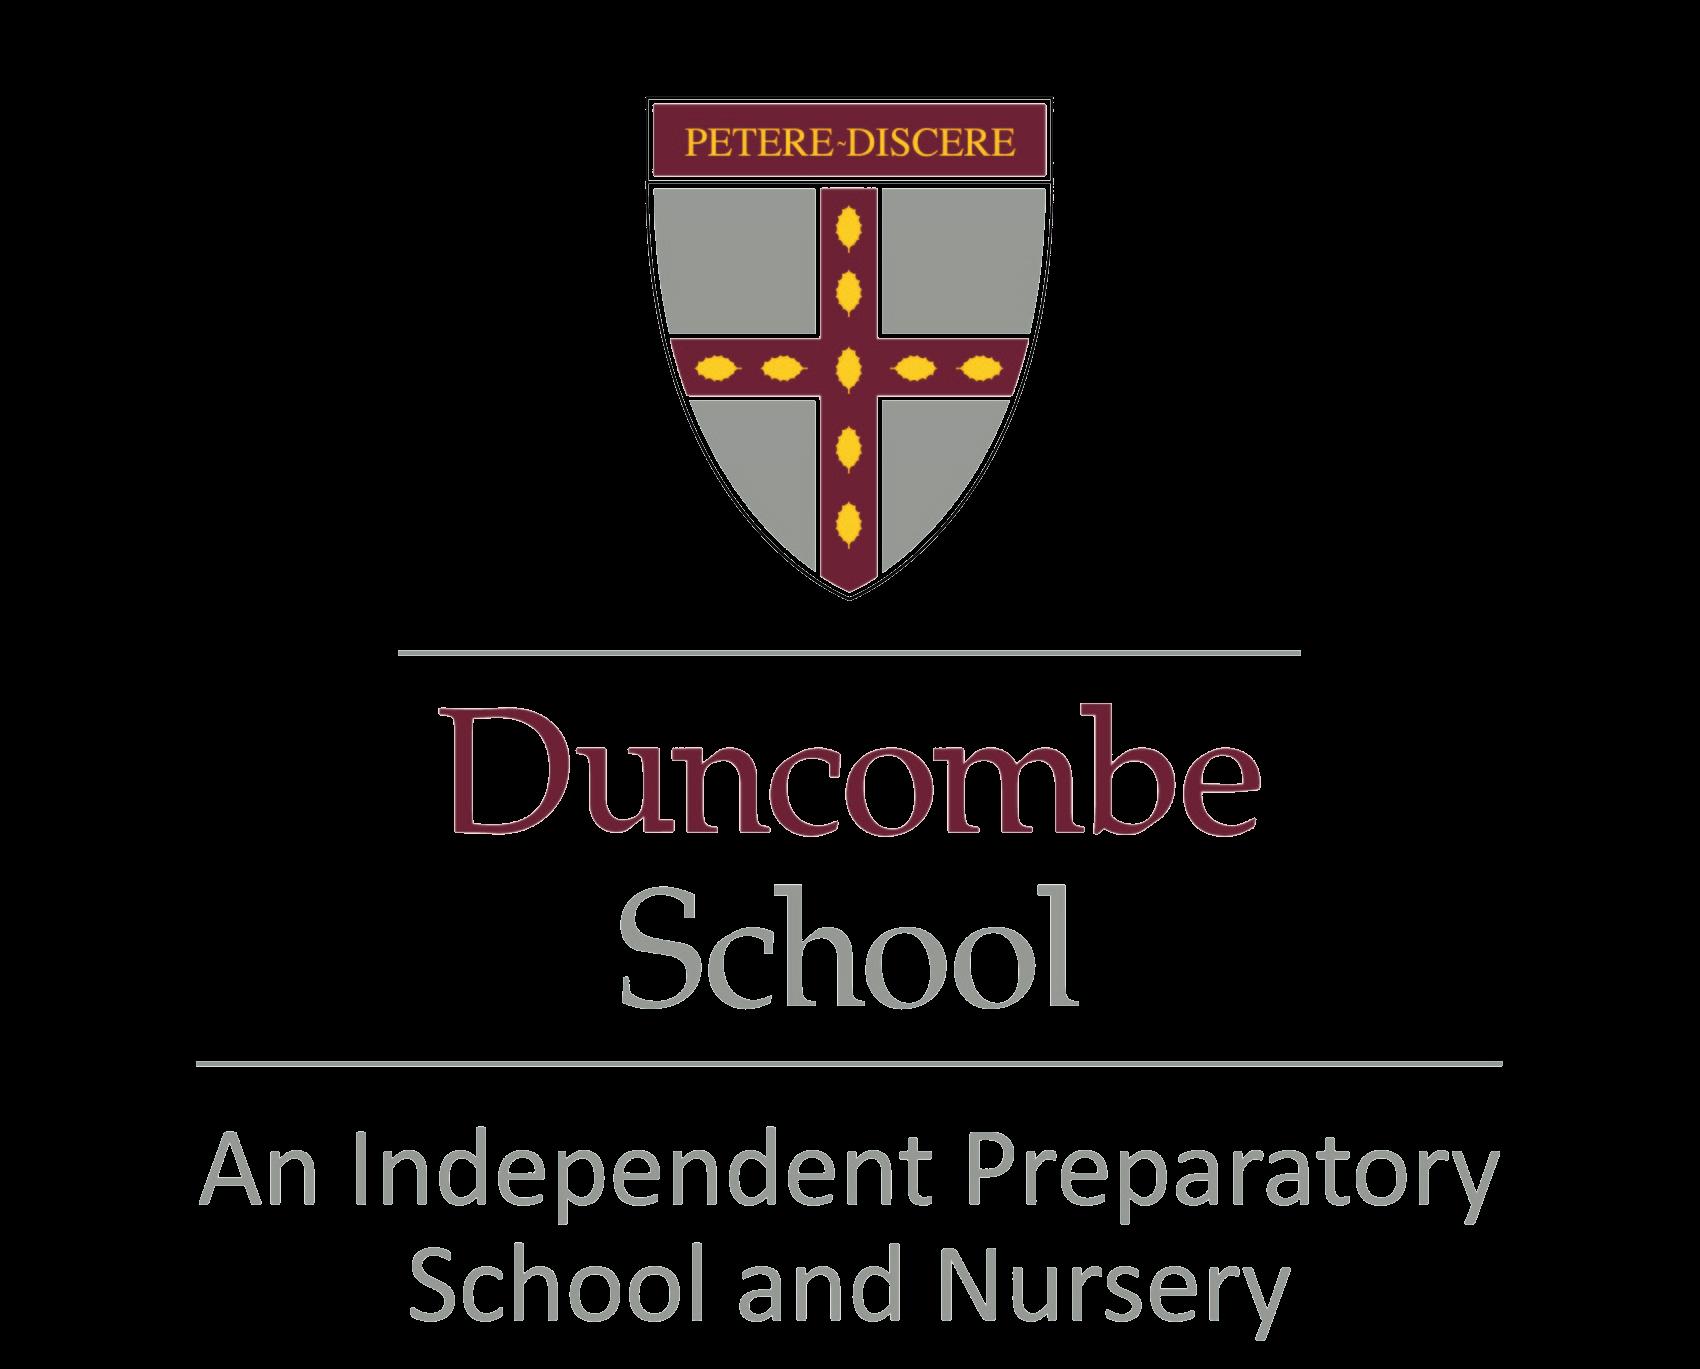 Duncombe School